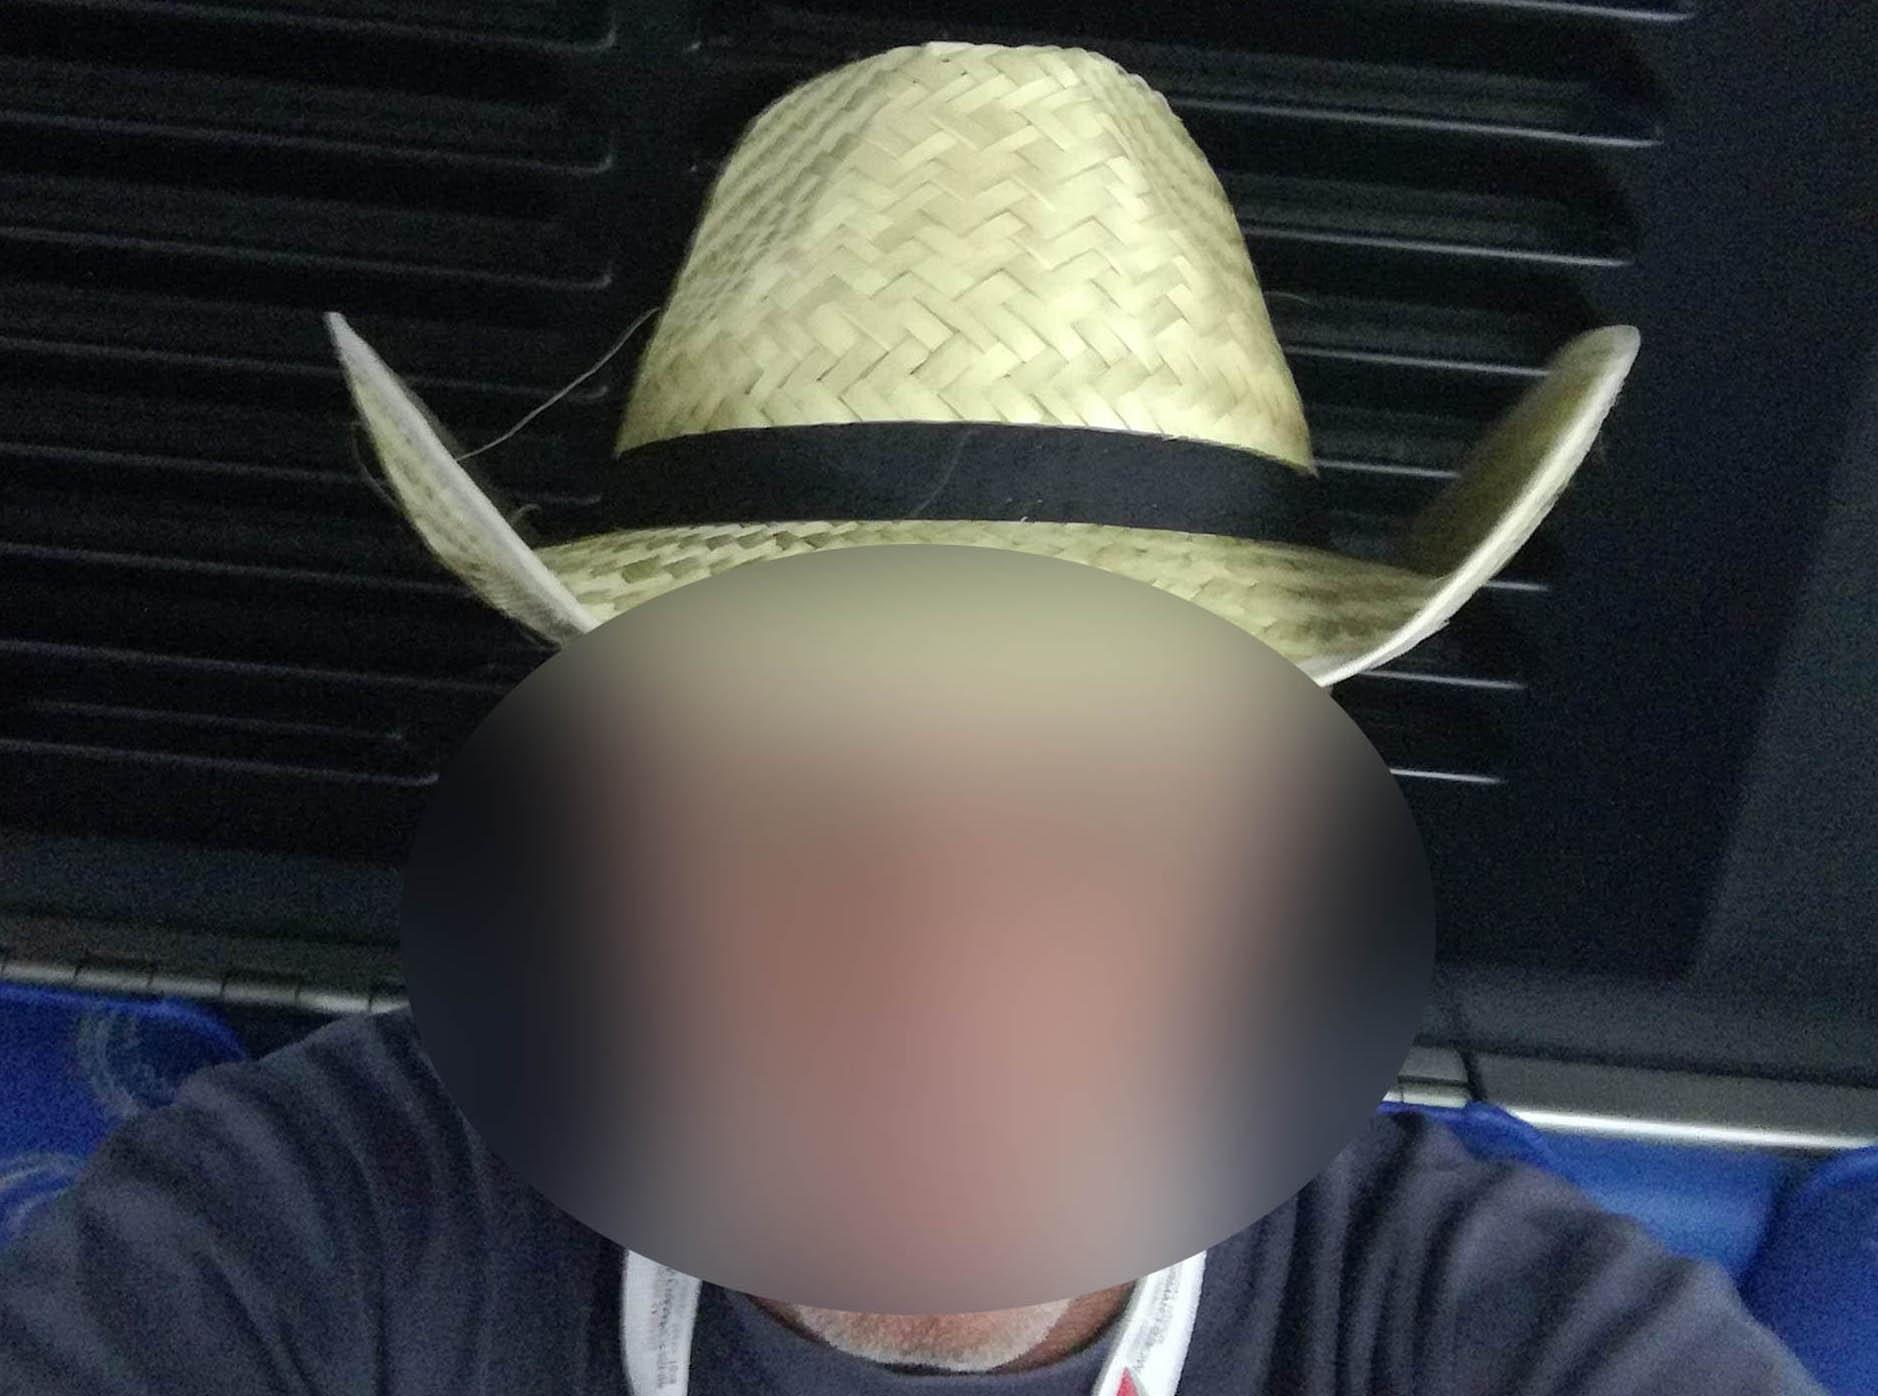 Άνδρος: Ψάλτης και πατέρας 10 παιδιών ο καθηγητής που αρνήθηκε να κάνει self test και συνελήφθη